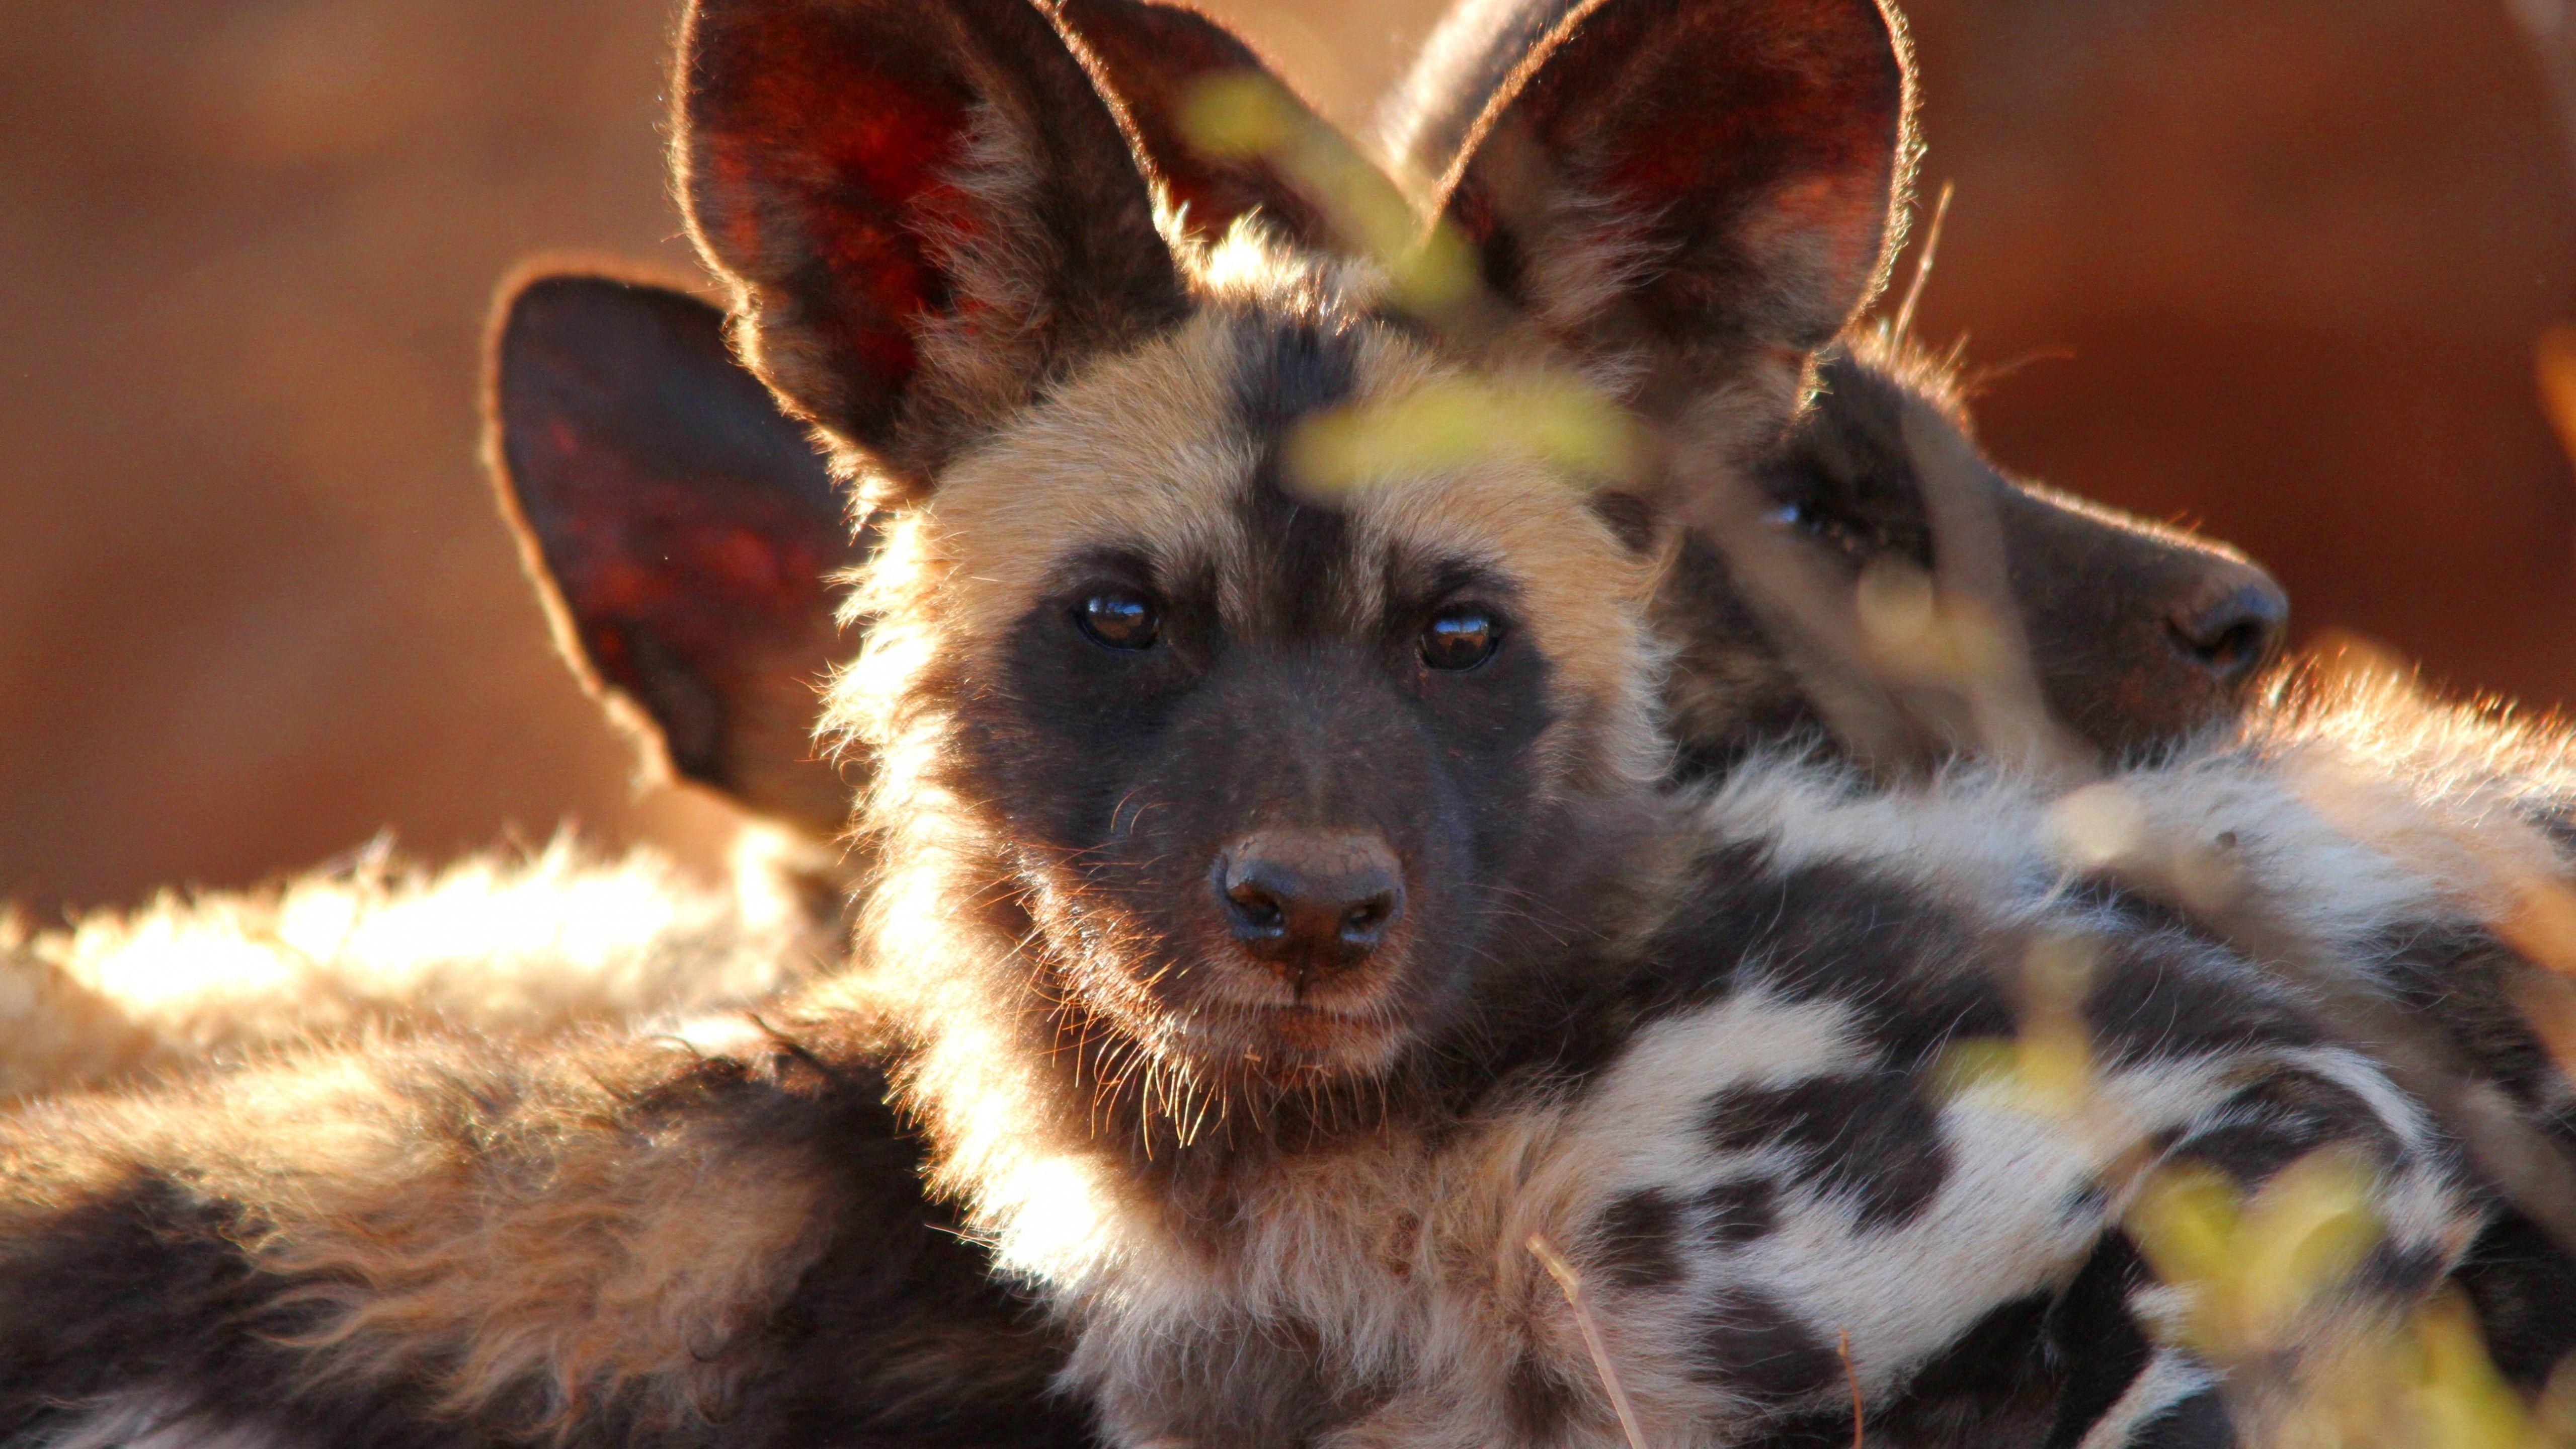 Wild dog look eyes predator fur nature animal 29230